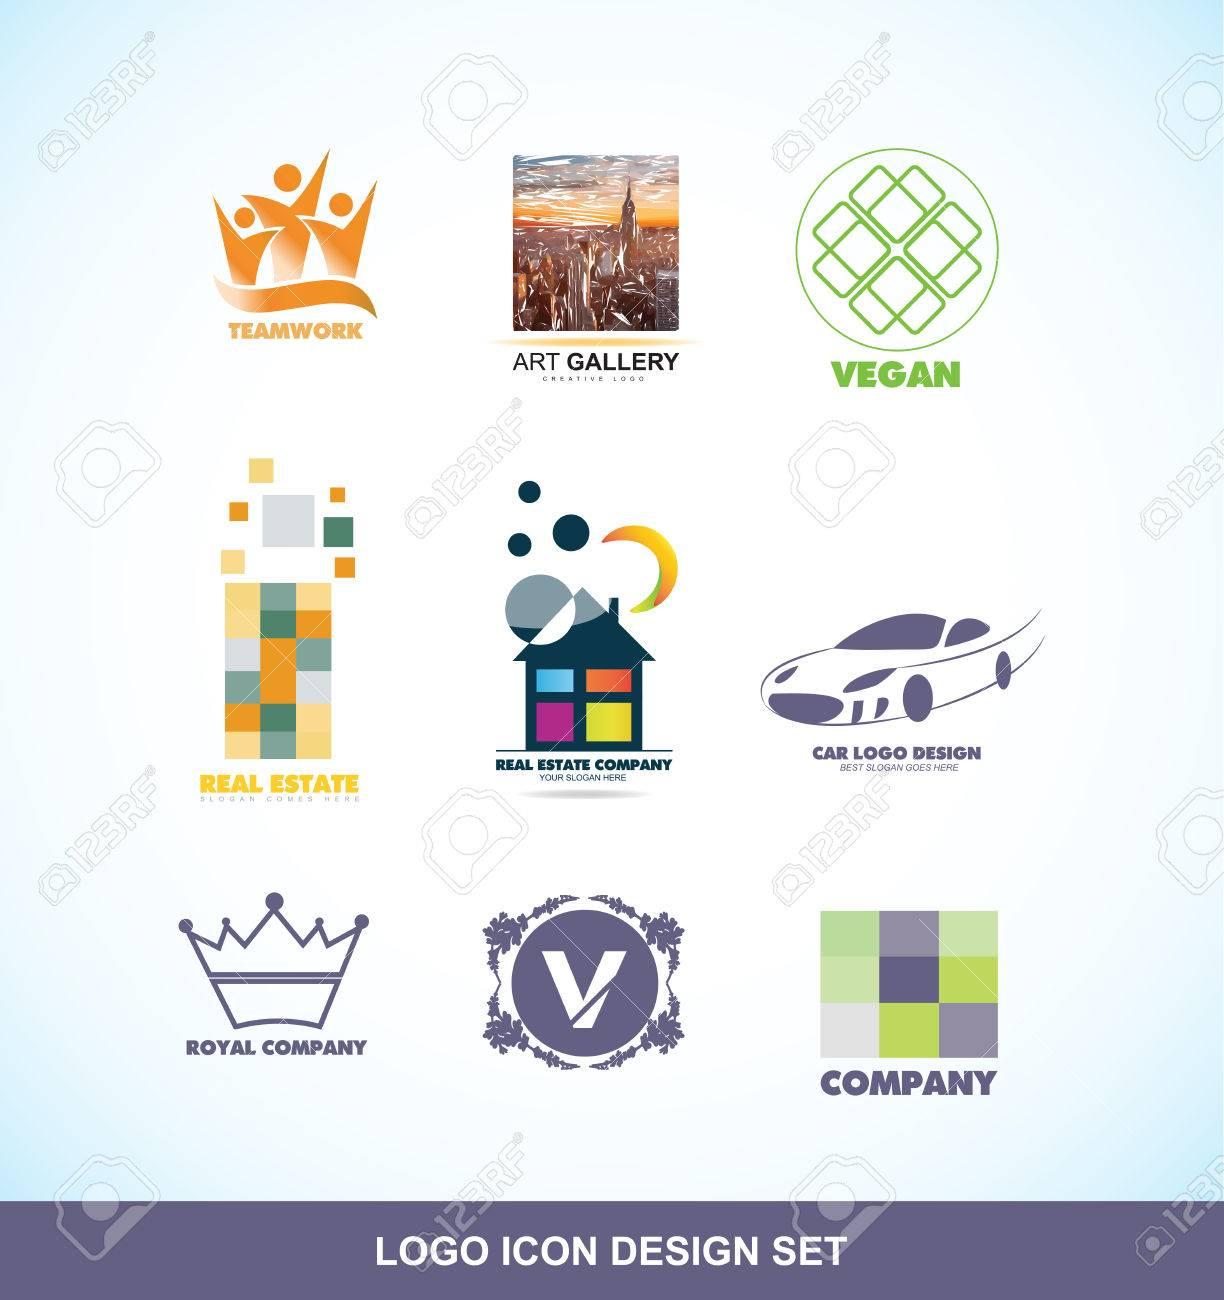 Logotipo De La Empresa Icono De Elemento De Plantilla De La Galería ...